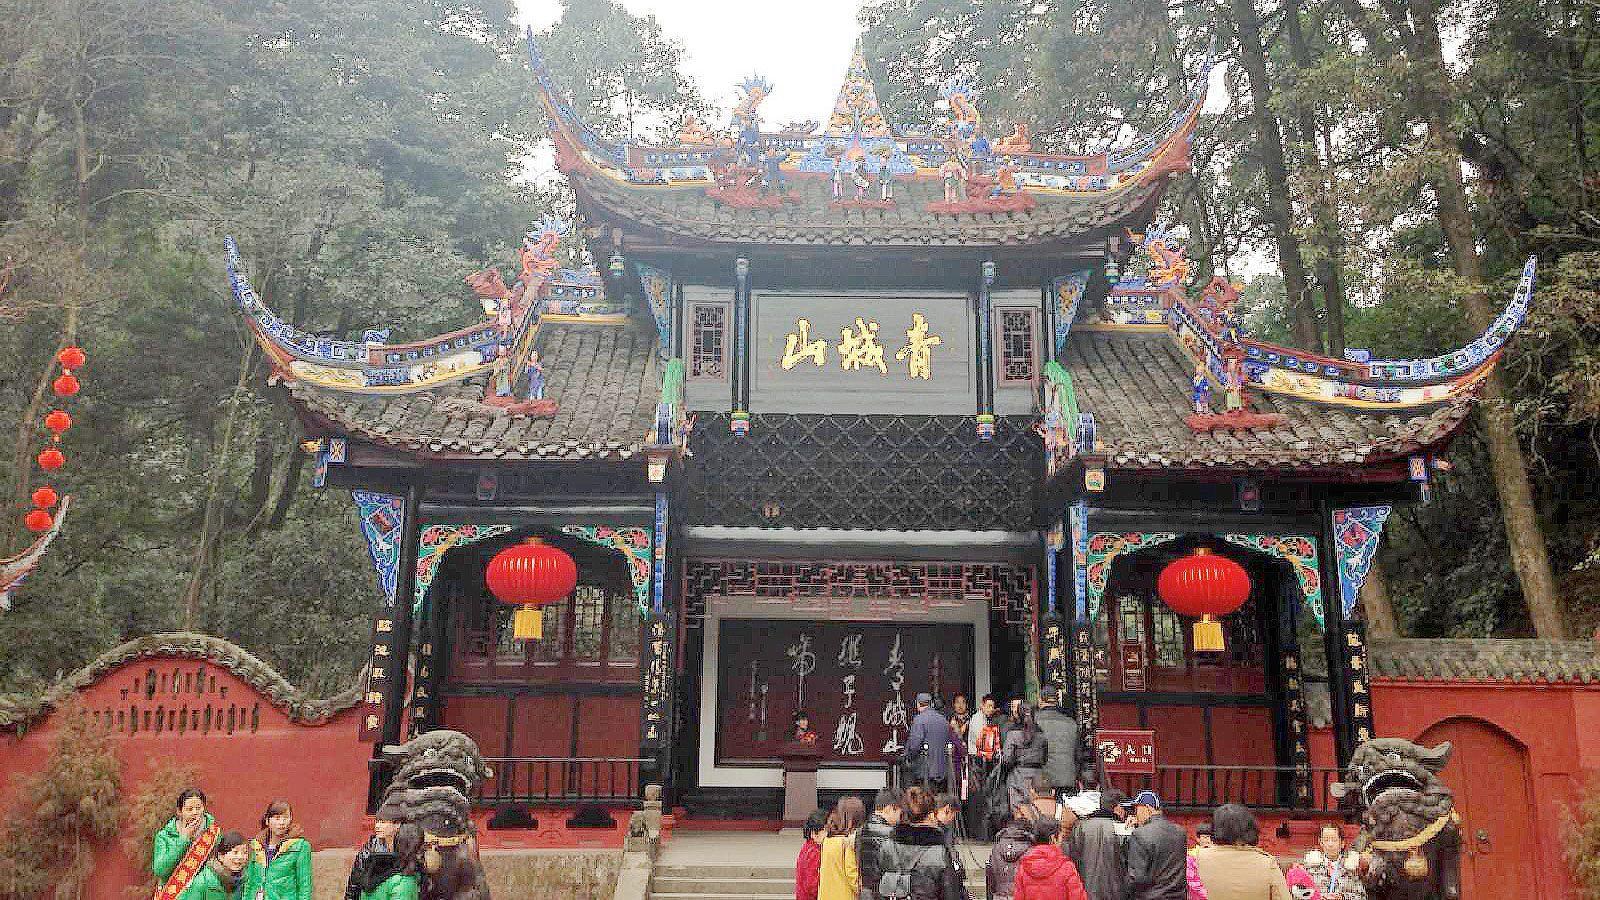 Mount Qingcheng in Chengdu, China